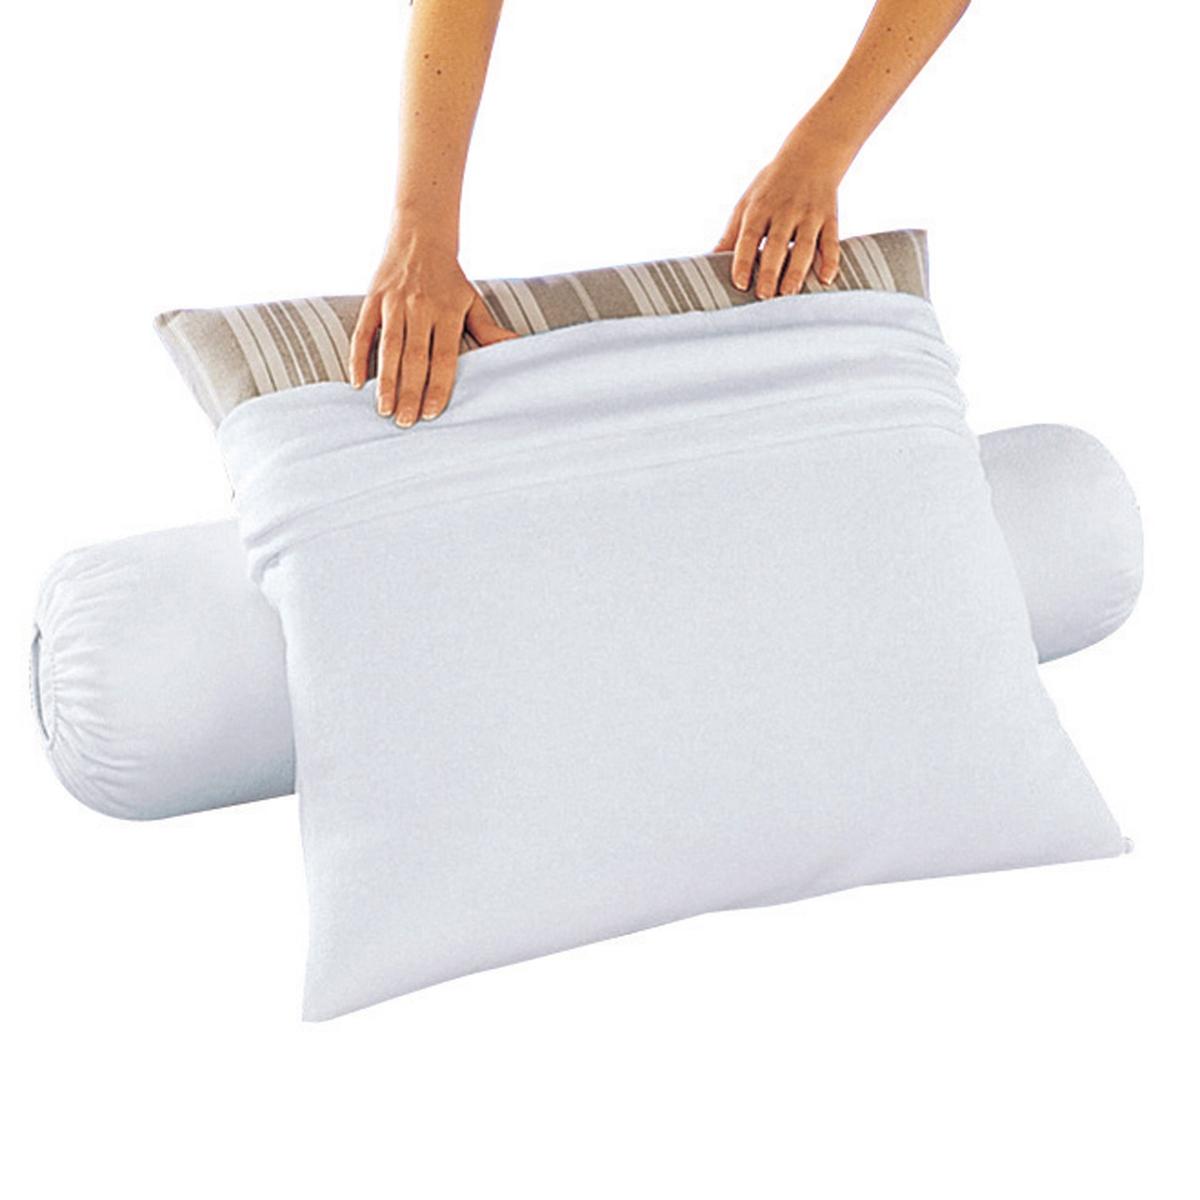 Чехол защитный на подушку-валик из мольтона с обработкой против клещей